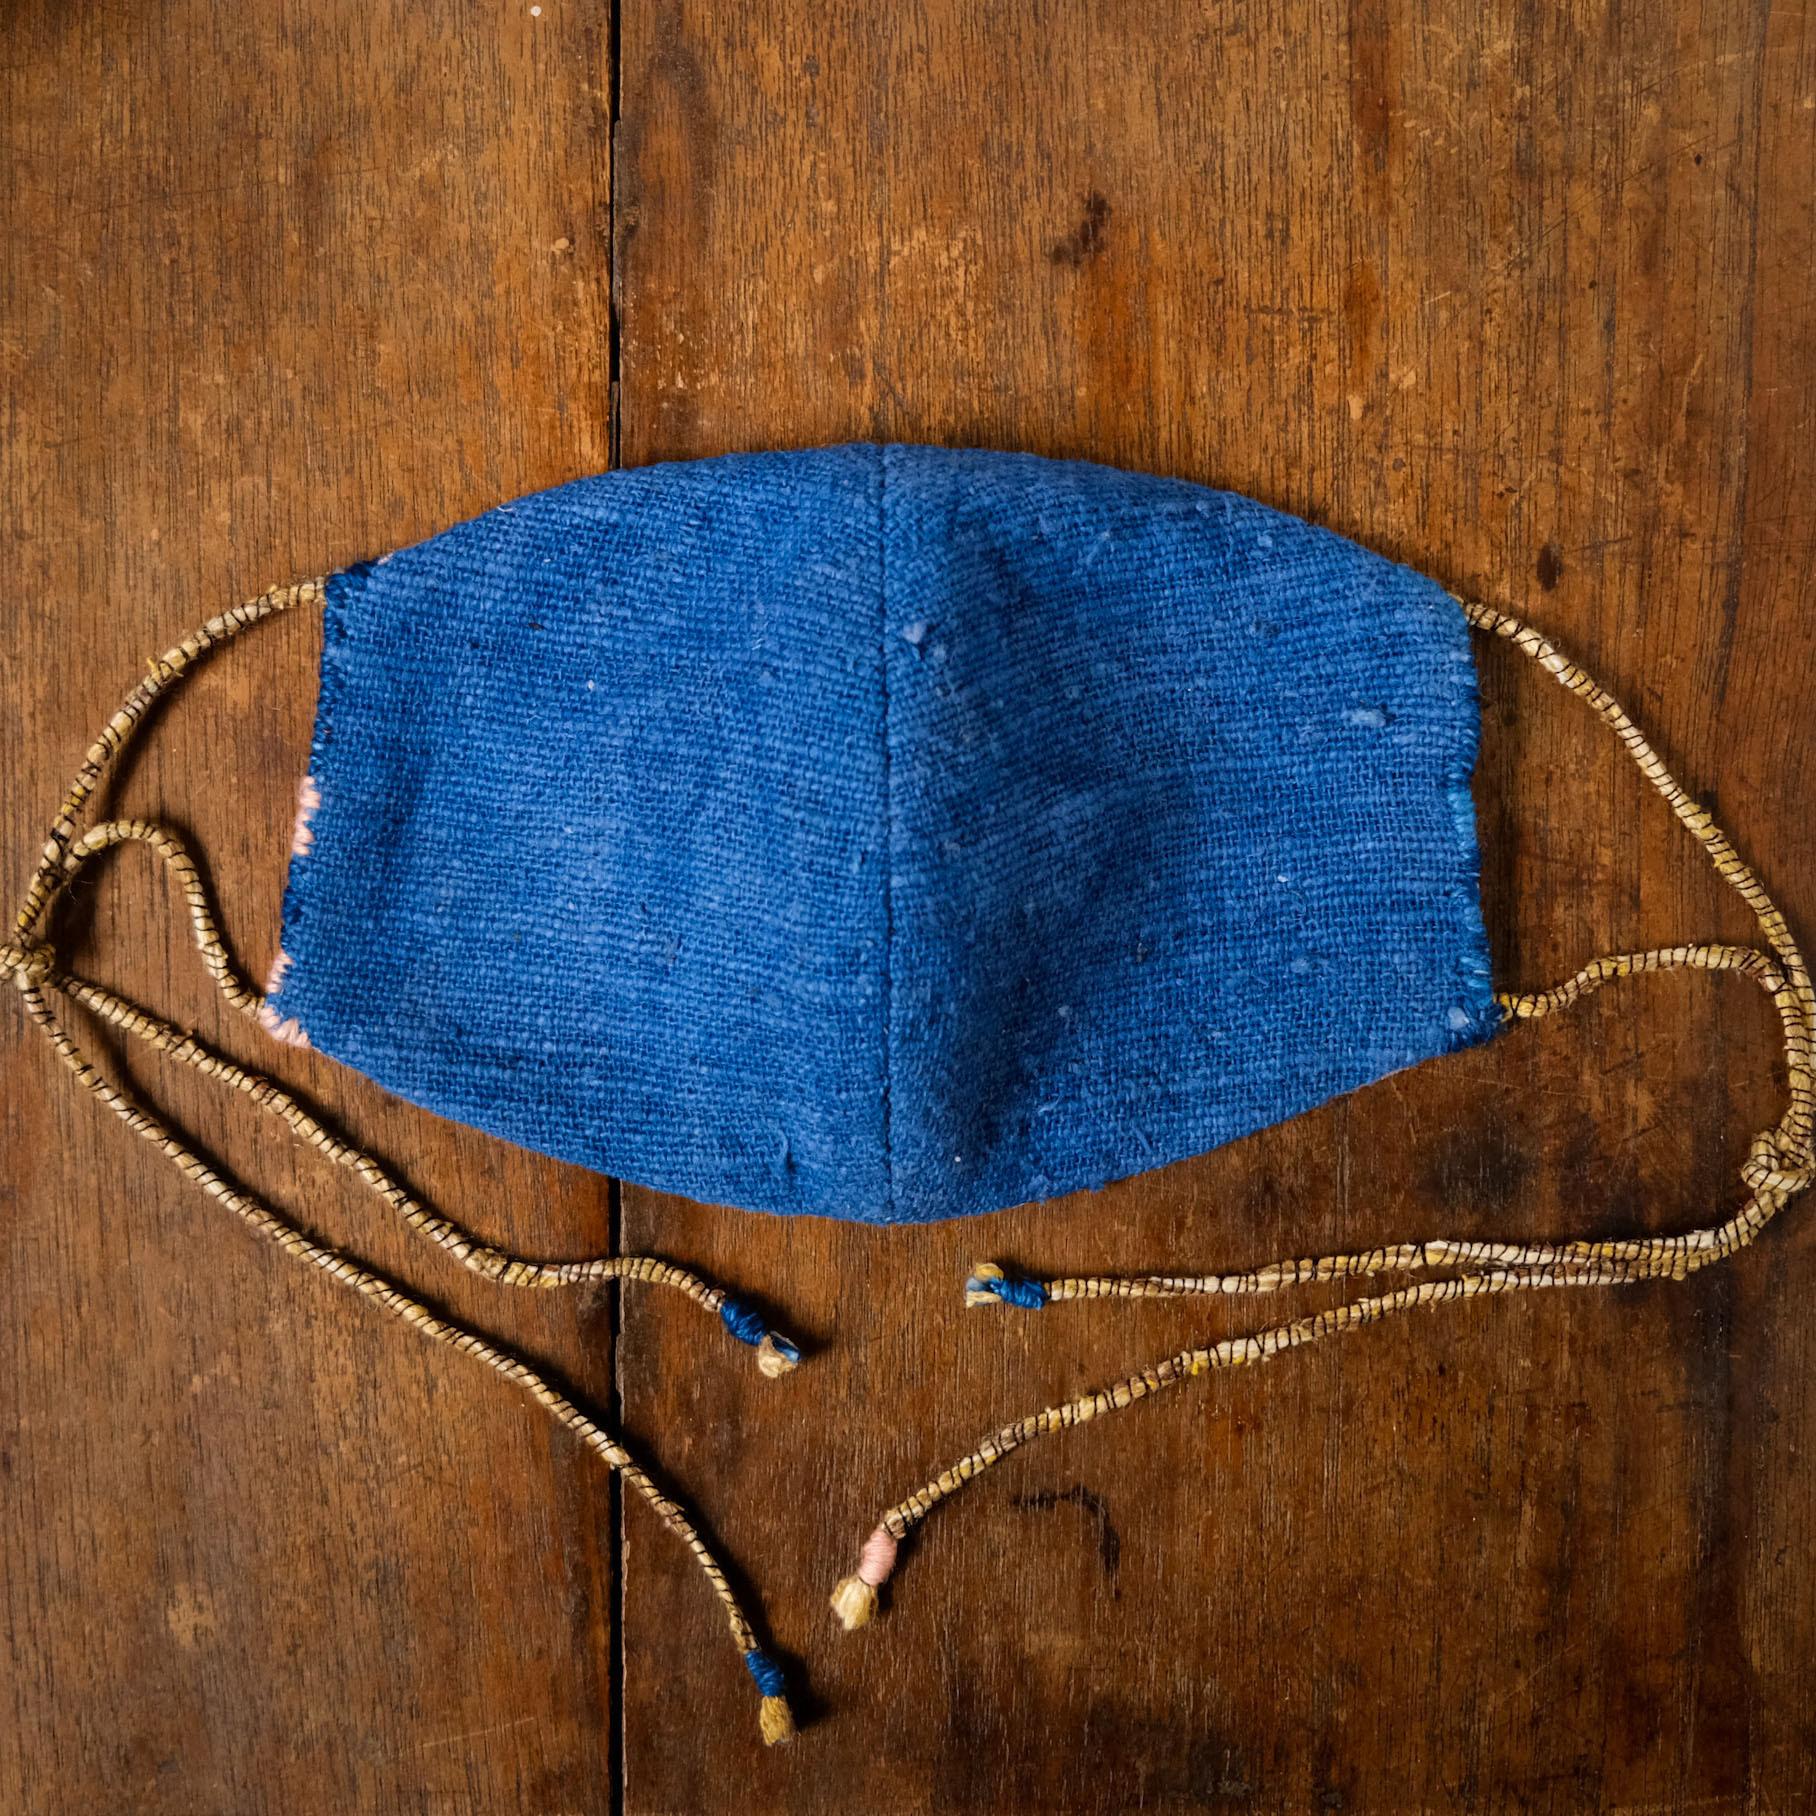 「あさつゆ」藍染手紡ぎ手織り綿と竹布の手縫いマスク レギュラーサイズ